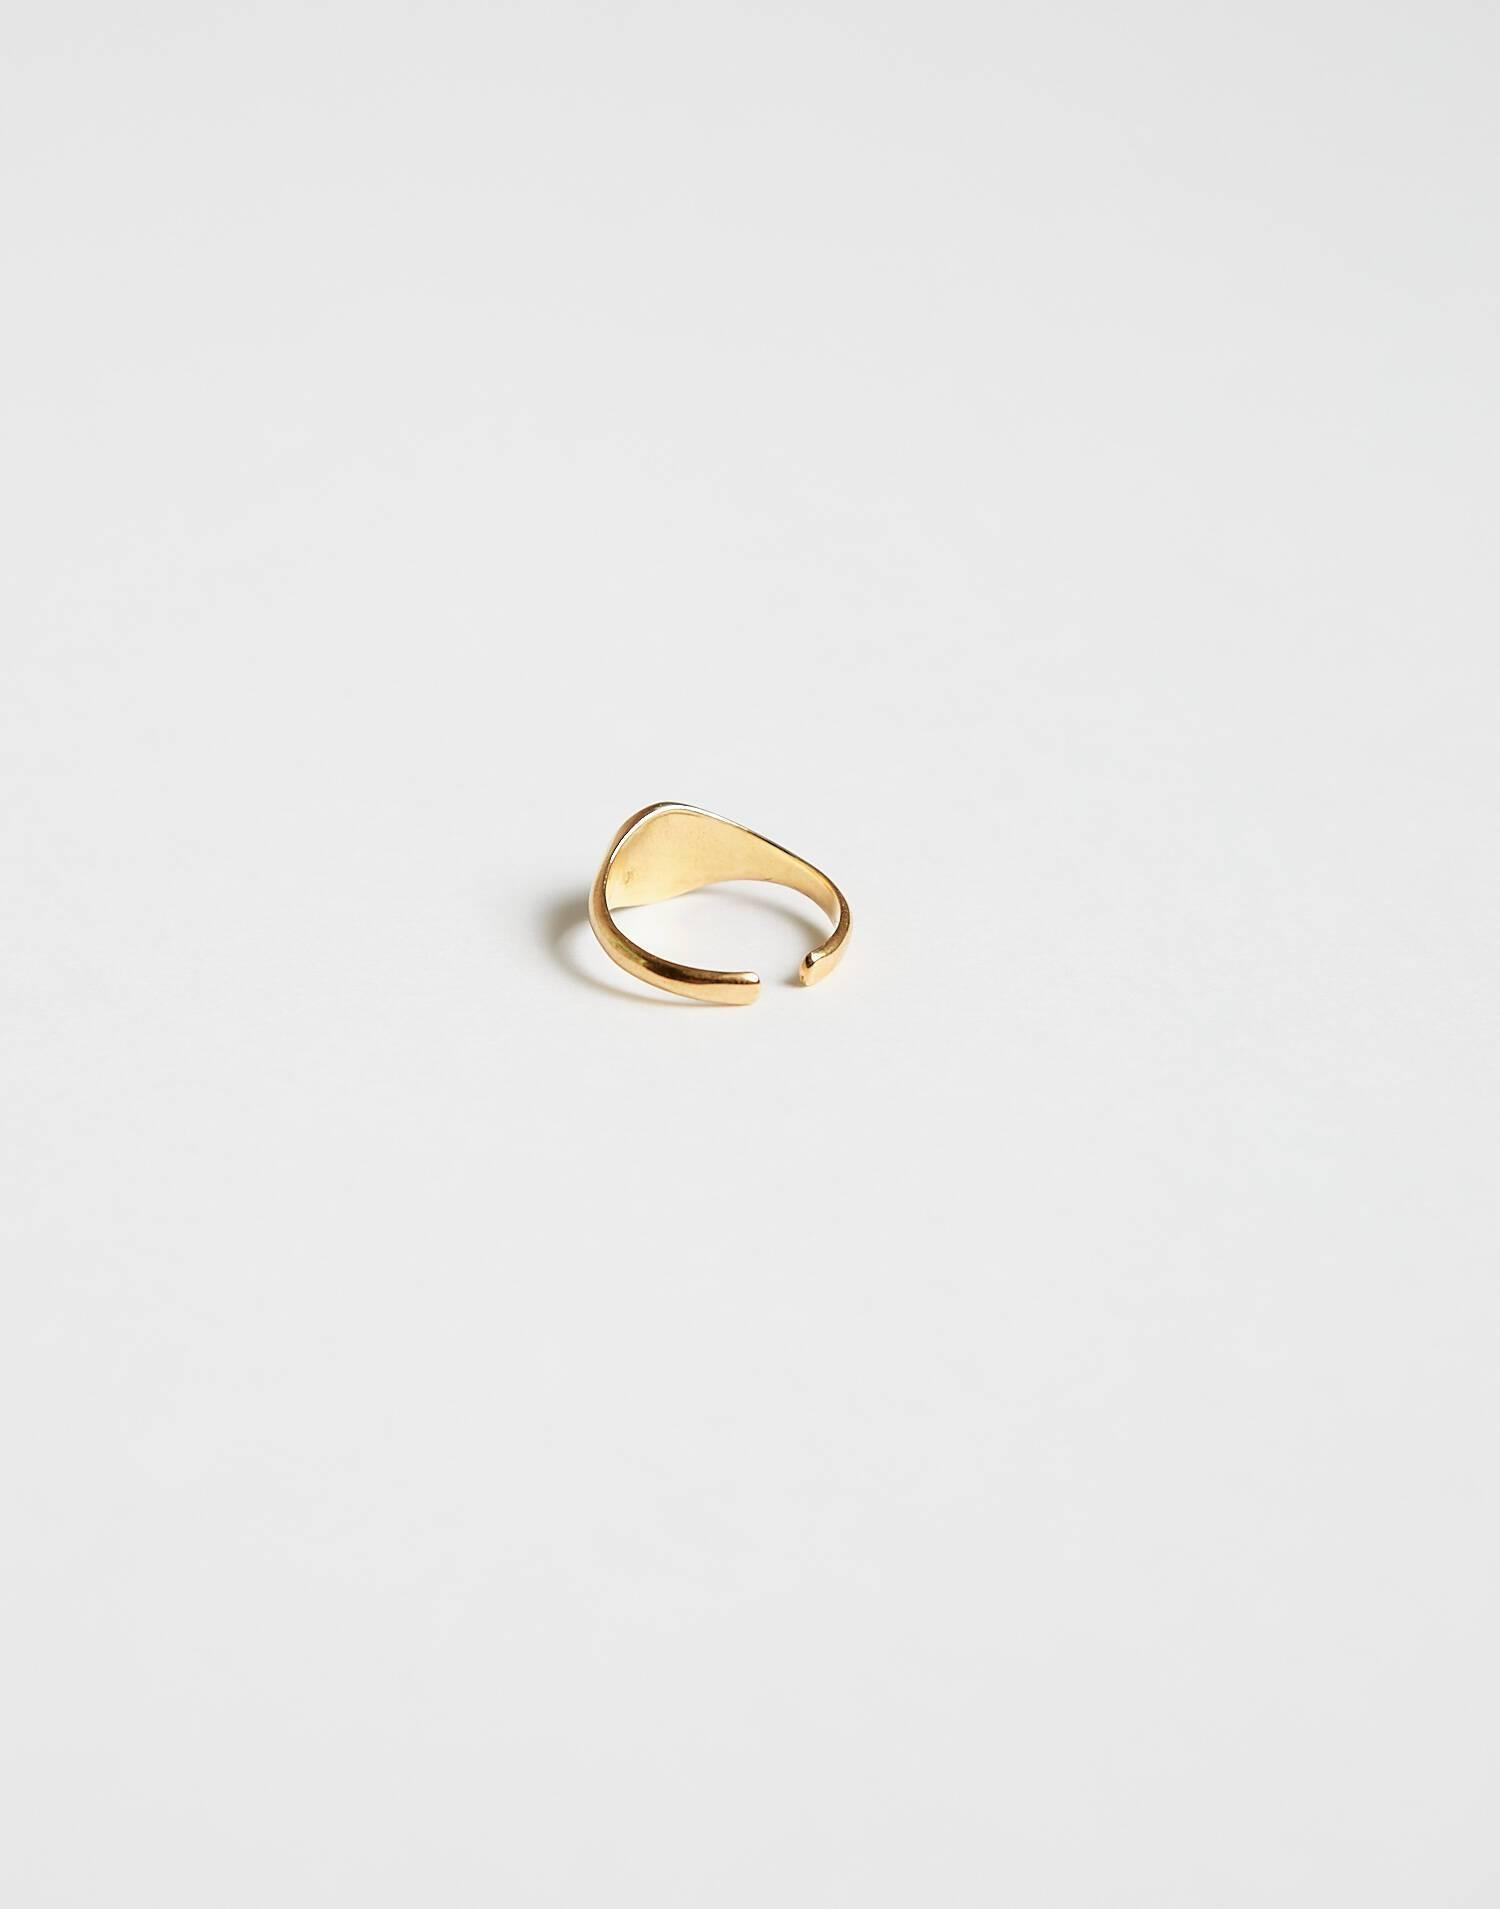 Golden star ring